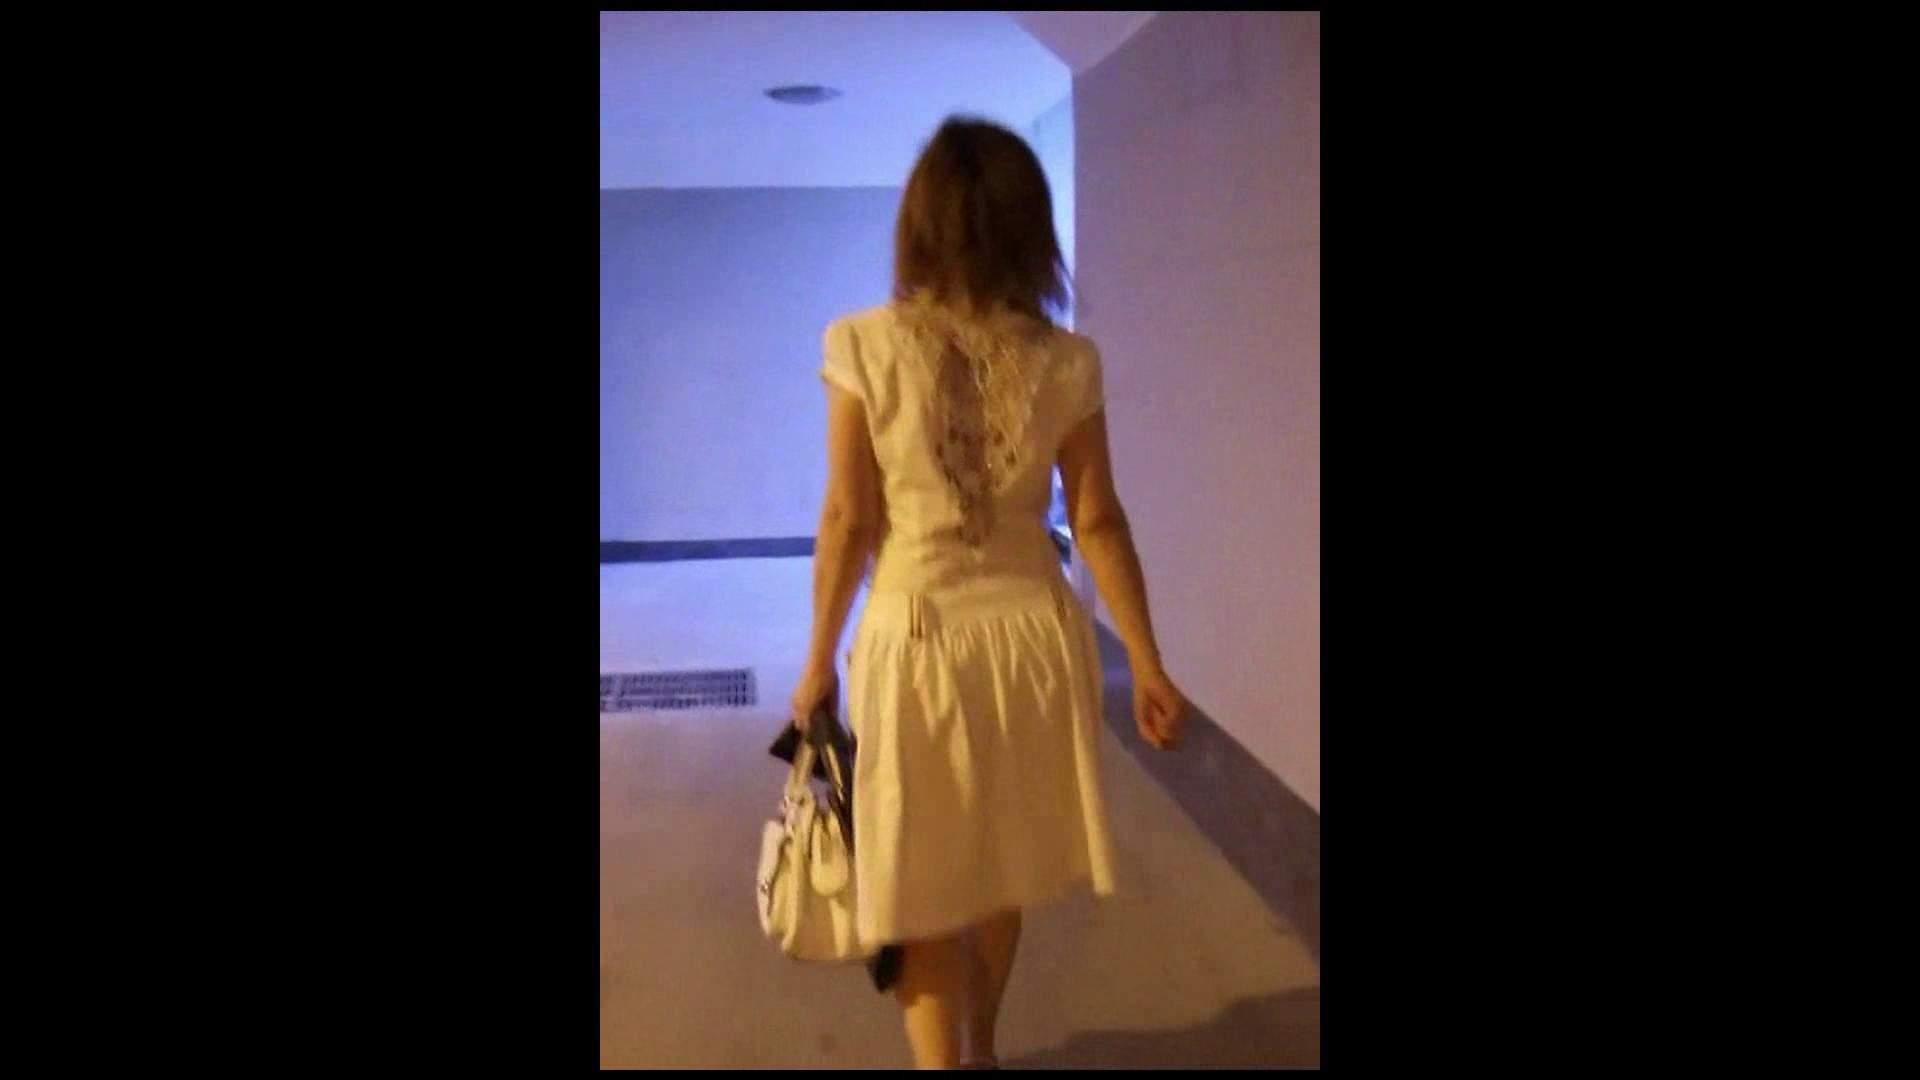 綺麗なモデルさんのスカート捲っちゃおう‼vol02 お姉さん エロ画像 82連発 17